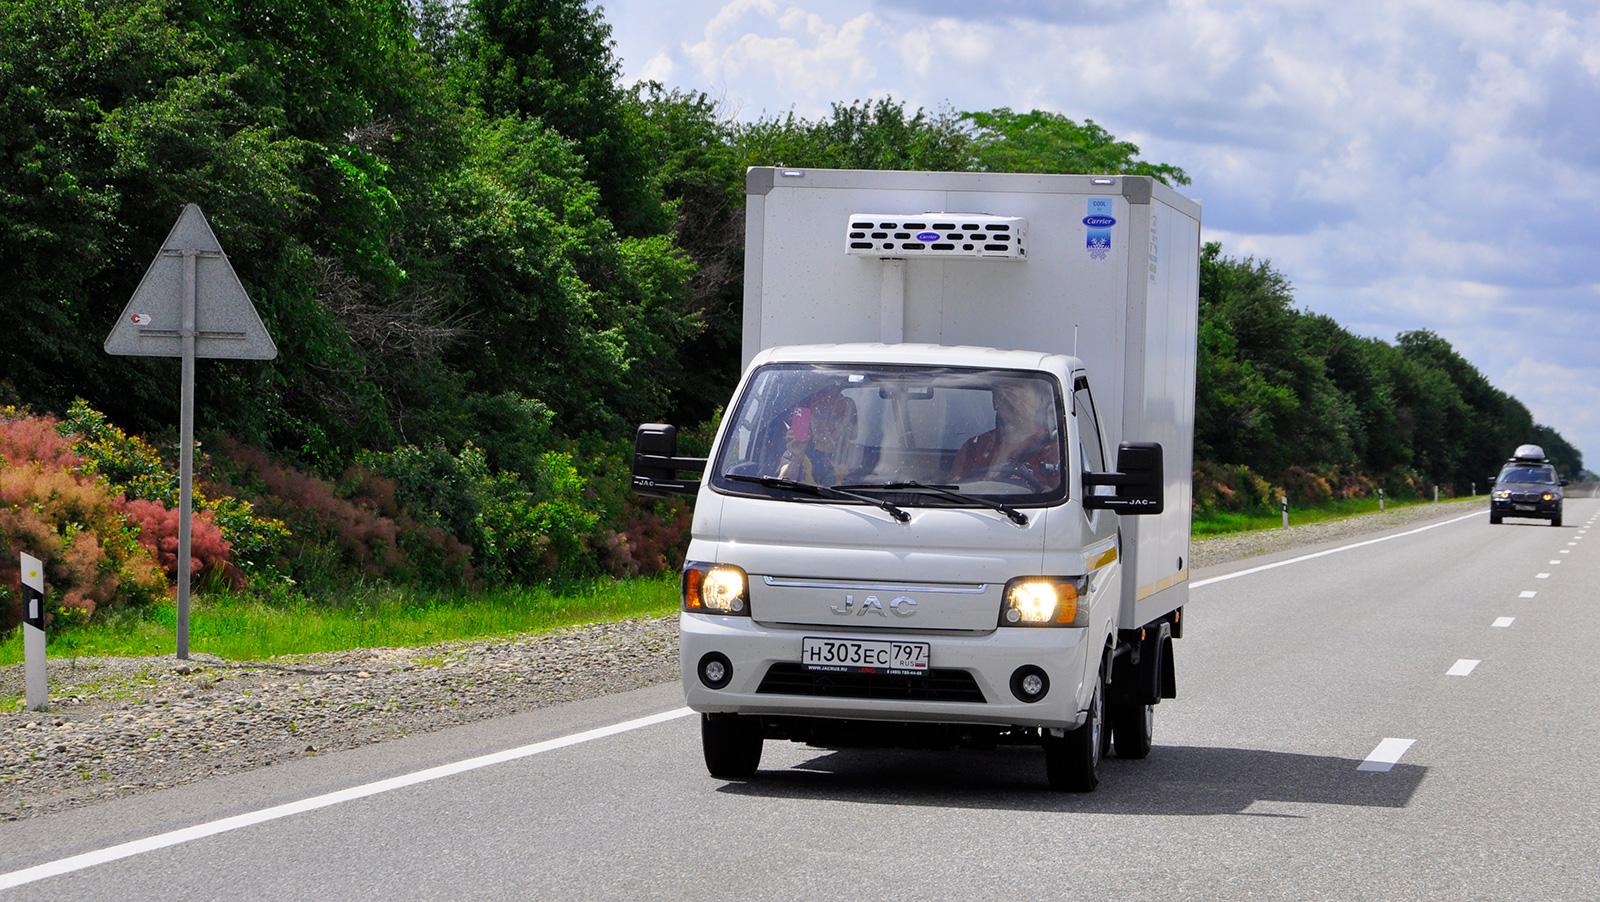 Тест JAC N35: китайская «ГАЗель» с экономичным дизелем. Стоит ли брать?